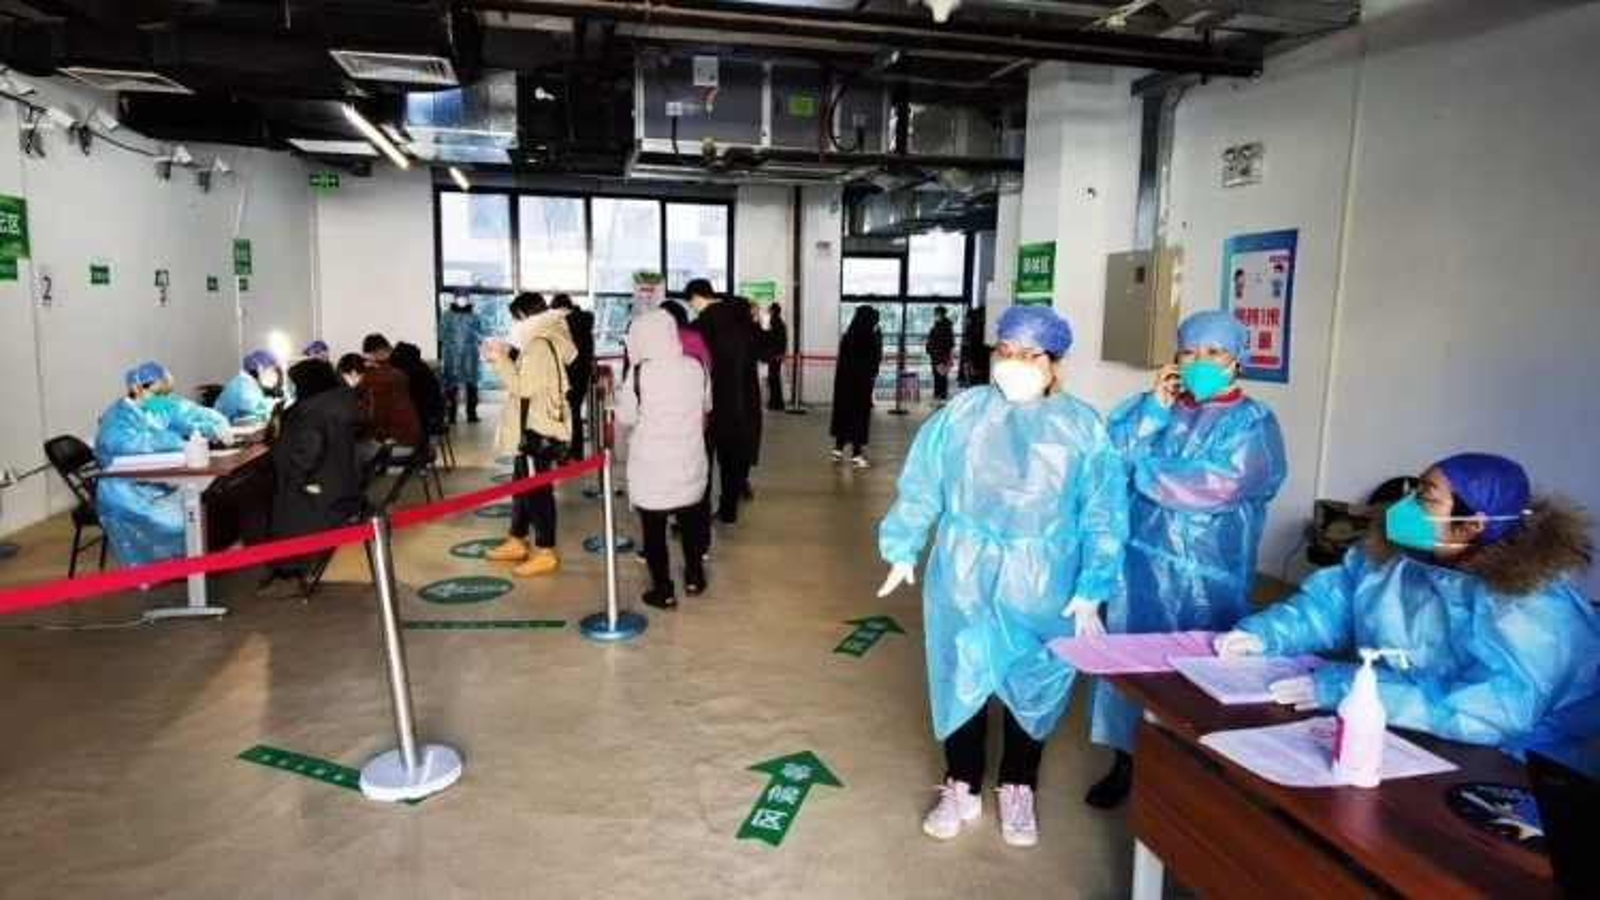 Bắc Kinh (Trung Quốc) tiến hành tiêm vaccine ngừa Covid-19 cho người dân trên quy mô lớn